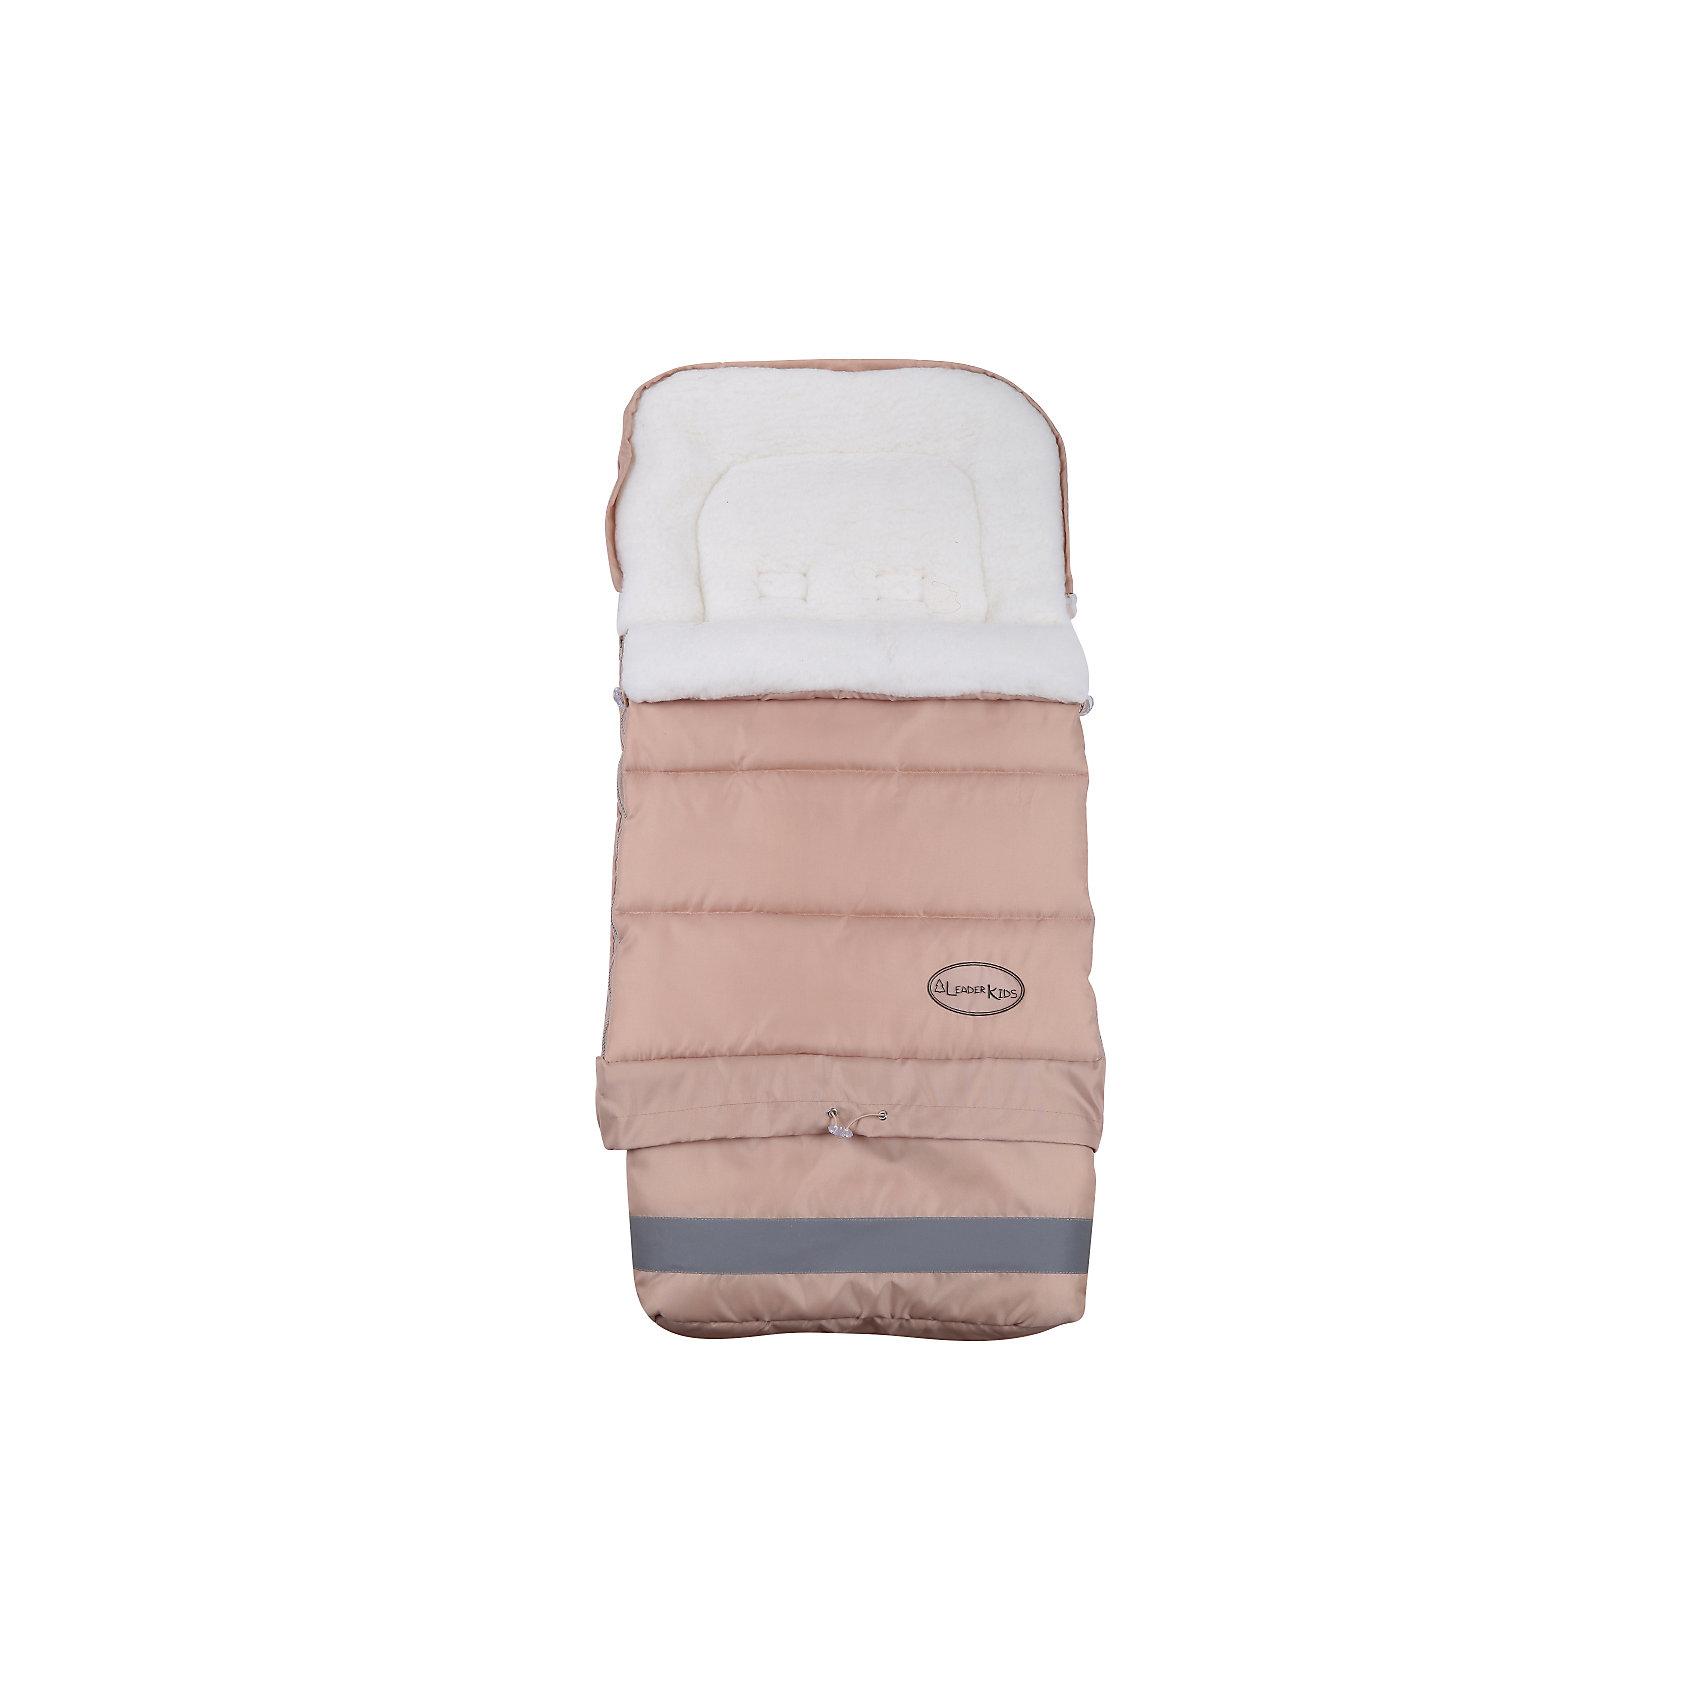 Конверт на овчине, Leader Kids, бежевыйПревосходный Конверт в прогулочную коляску, Leader kids (Лидер Кидс), бежевый создан, чтобы дарить ощущение комфорта, тепла и уюта Вашему малышу. Ткань верха (плащевая ткань с непромокаемой пропиткой) и подкладка из натуральной шерсти (овчина) на трикотажной основе надежно защищают от мороза и влажности, не пропускают холодный воздух, поддерживая идеальную для ребенка температуру.<br>  <br>Характеристики:<br>-Конверт имеет прорези на задней стороне для пристегивания ремней безопасности<br>-Верхняя часть конверта стягивается шнурком, создавая эффект закрытого капюшона<br>-Для удобства эксплуатации по бокам конверта имеются застежки-молнии<br>-Конверт регулирует по длине: нижняя часть отстегивается и пристегивается при помощи молний<br><br>Дополнительная информация:<br>-Цвет: бежевый<br>-Материалы: полиэстер, овчина<br>-Вес в упаковке: 500 г<br>-Размеры в упаковке: 55х19х20 см<br>-Размер конверта: 80-110х50 см<br><br>Практичный и удобный конверт не пропускает холодный воздух, прекрасно сохраняет тепло, создавая комфортный микроклимат малышу в любую погоду.<br><br>Конверт в прогулочную коляску, Leader kids (Лидер Кидс), бежевый можно купить в нашем магазине.<br><br>Ширина мм: 550<br>Глубина мм: 190<br>Высота мм: 200<br>Вес г: 500<br>Цвет: бежевый<br>Возраст от месяцев: 0<br>Возраст до месяцев: 36<br>Пол: Унисекс<br>Возраст: Детский<br>SKU: 4278024